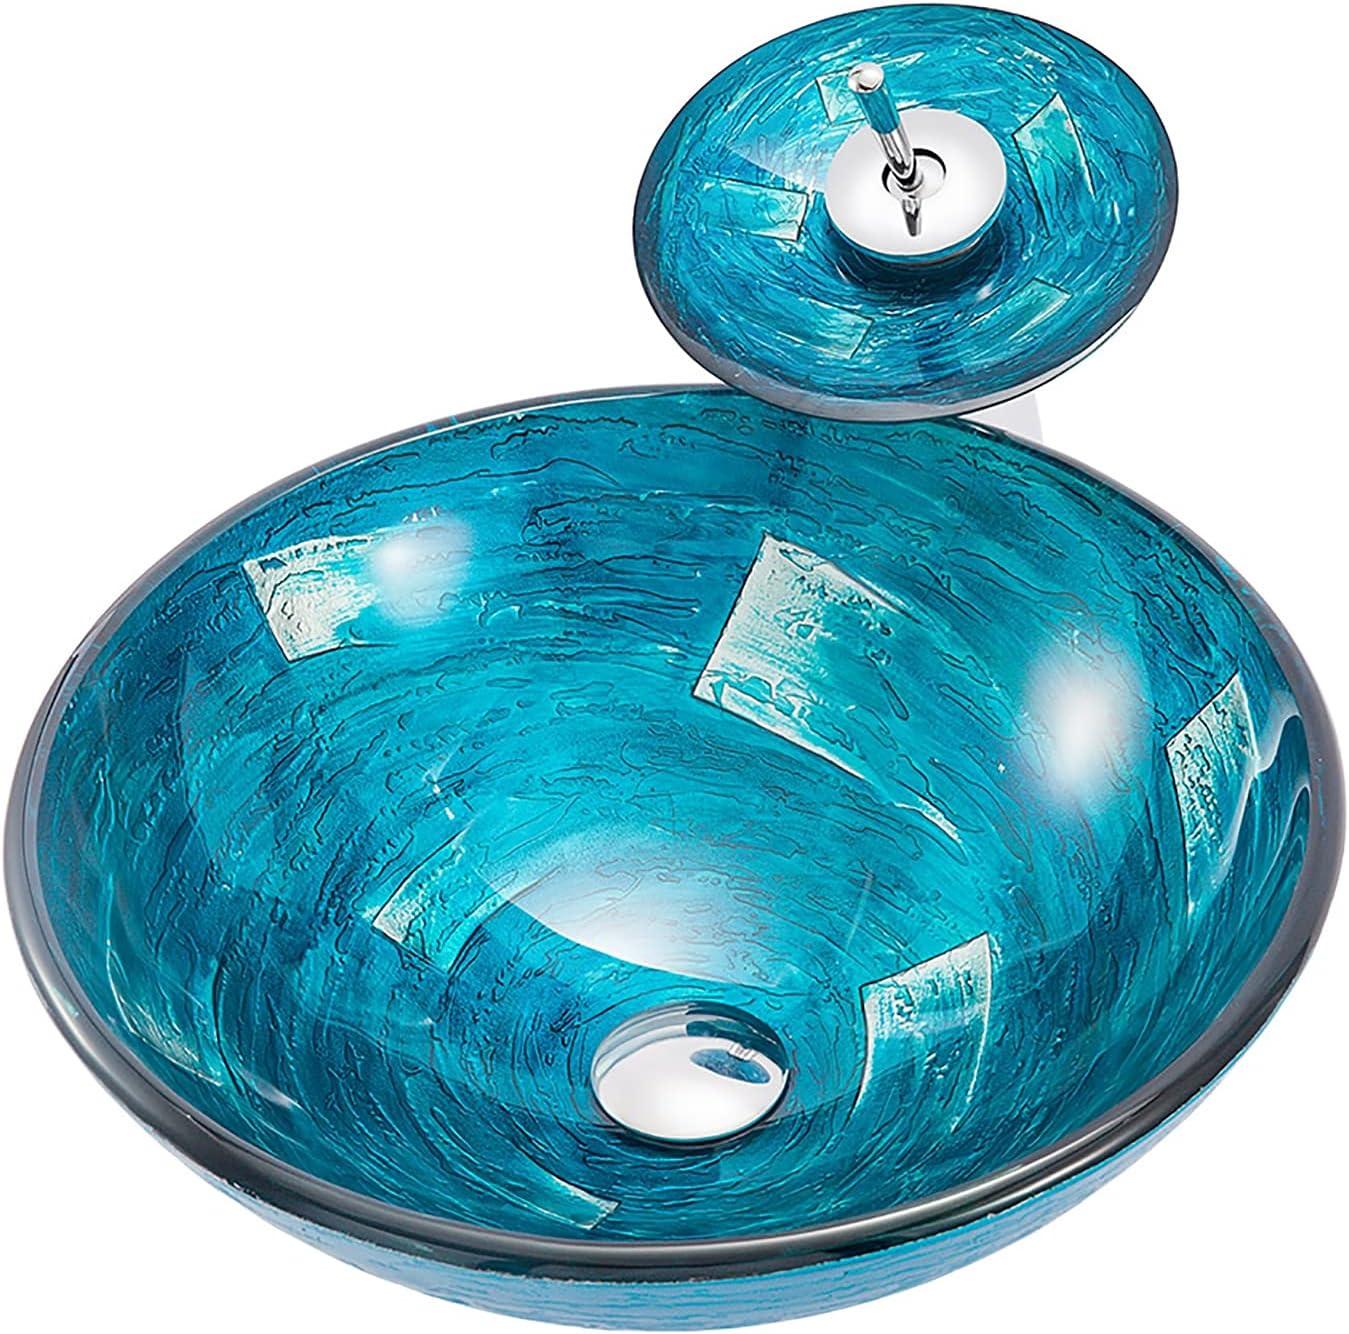 SHUGUANG Lavabo de Vidrio Templado, Lavabo Cristal Templado Azul Lavabo sobre Encimera para Baño Ronda Lavamanos Cristal Baño con Grifo de Cascada, Anillo de Montaje, Drenaje de Agua